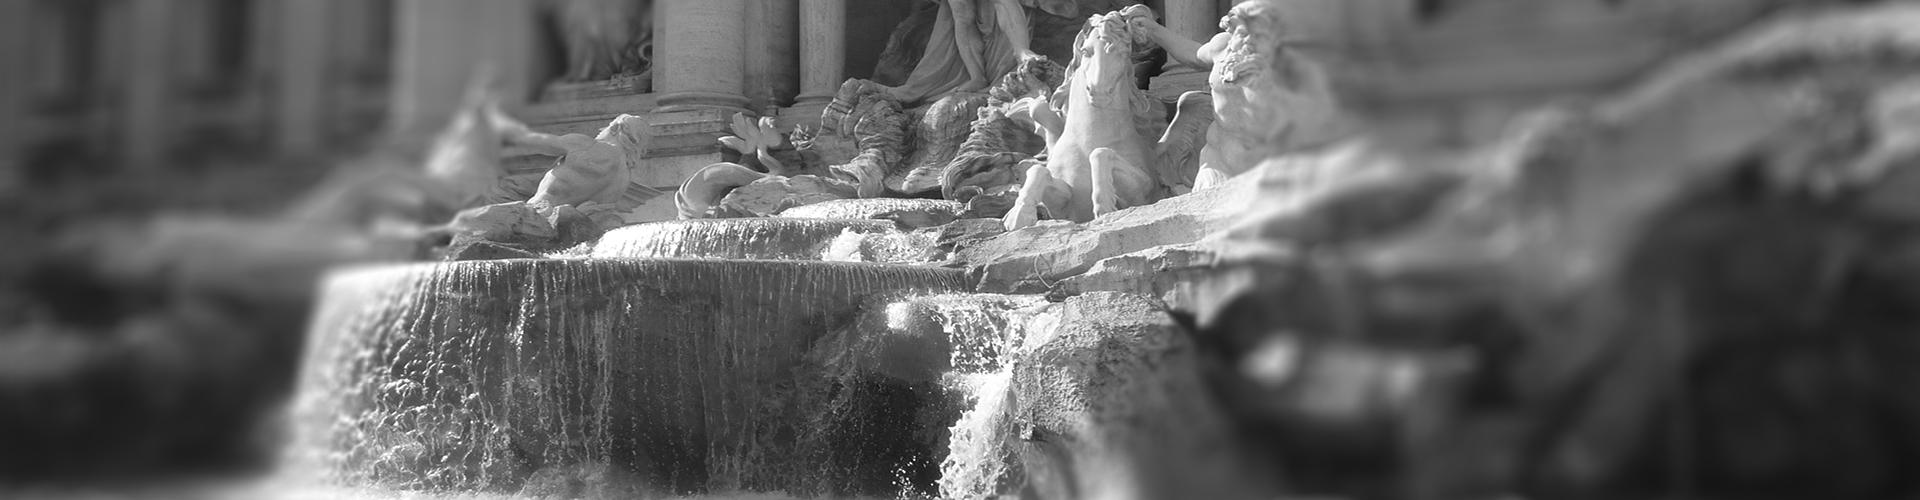 trevi fontana fuoco aria acqua 2